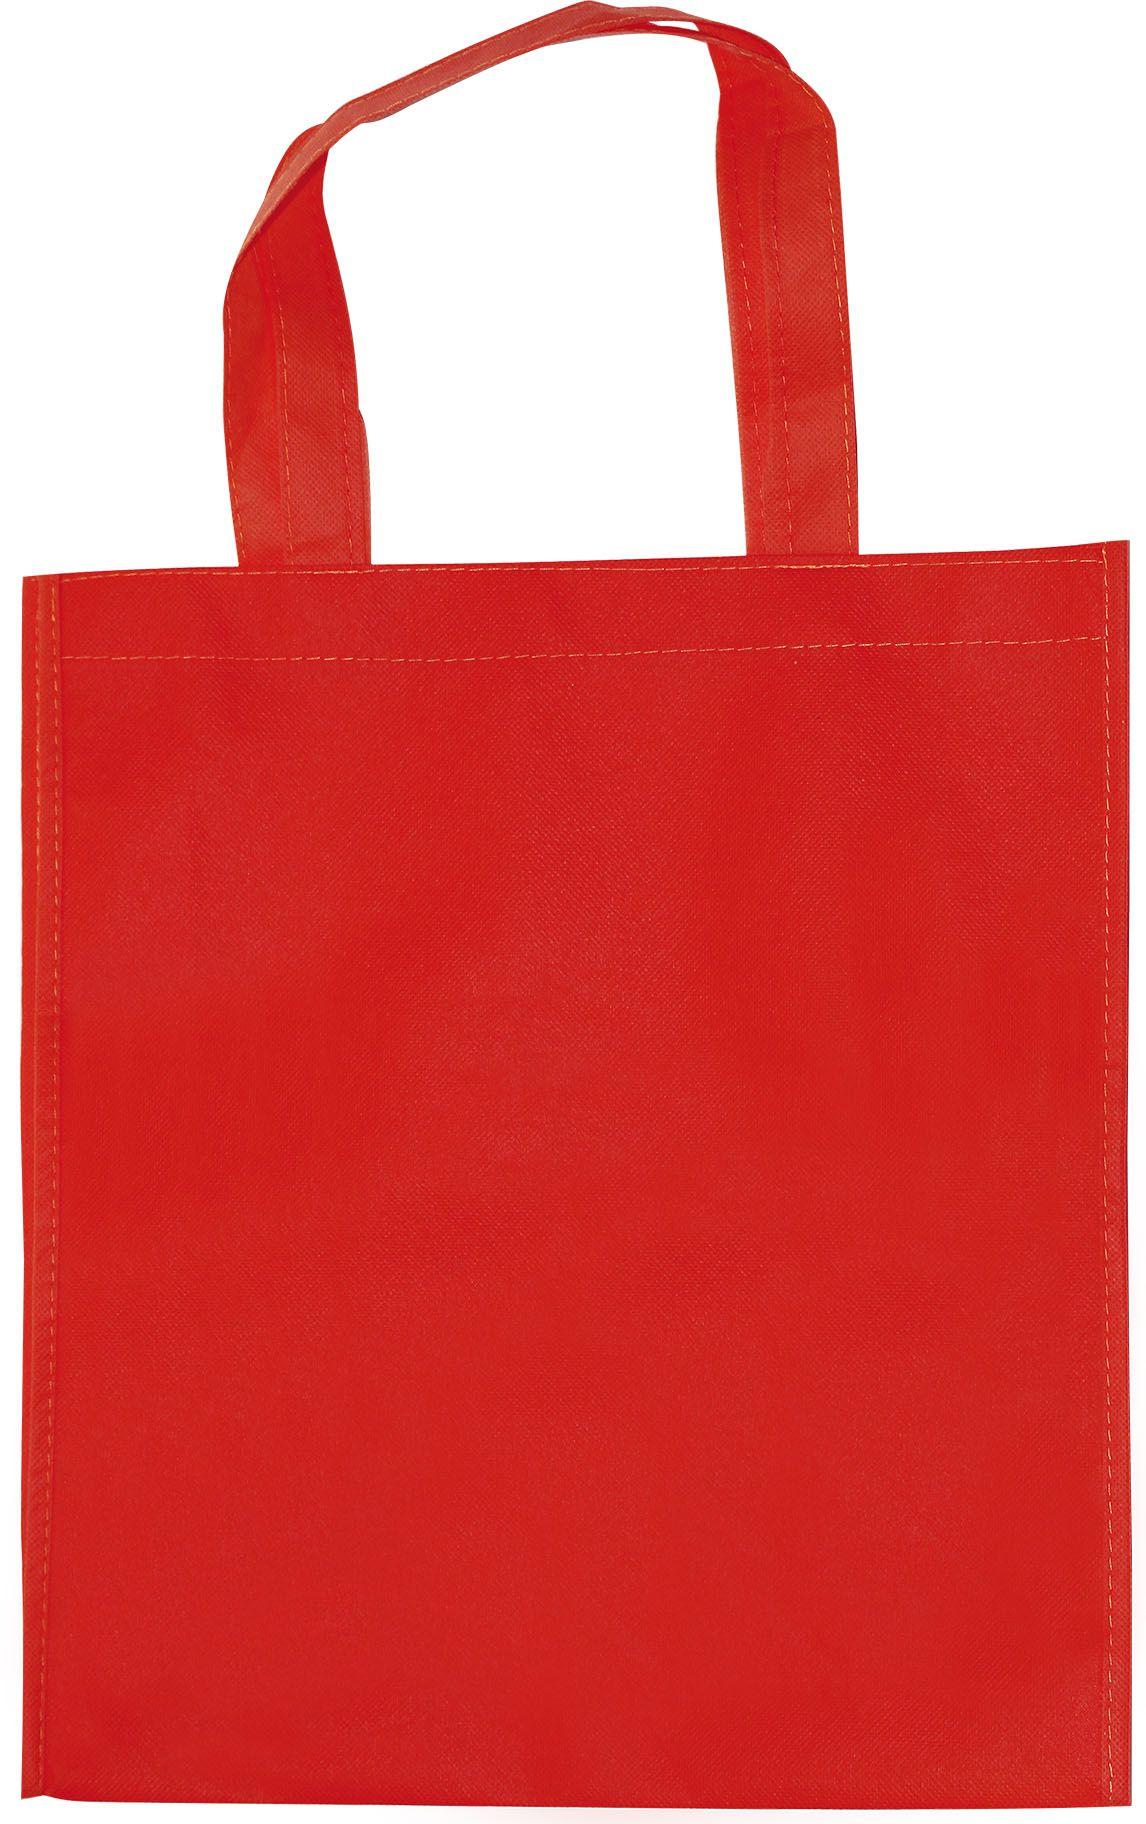 4560de5deb05f Torby bawełniane z nadrukiem, torby materiałowe z nadrukiem